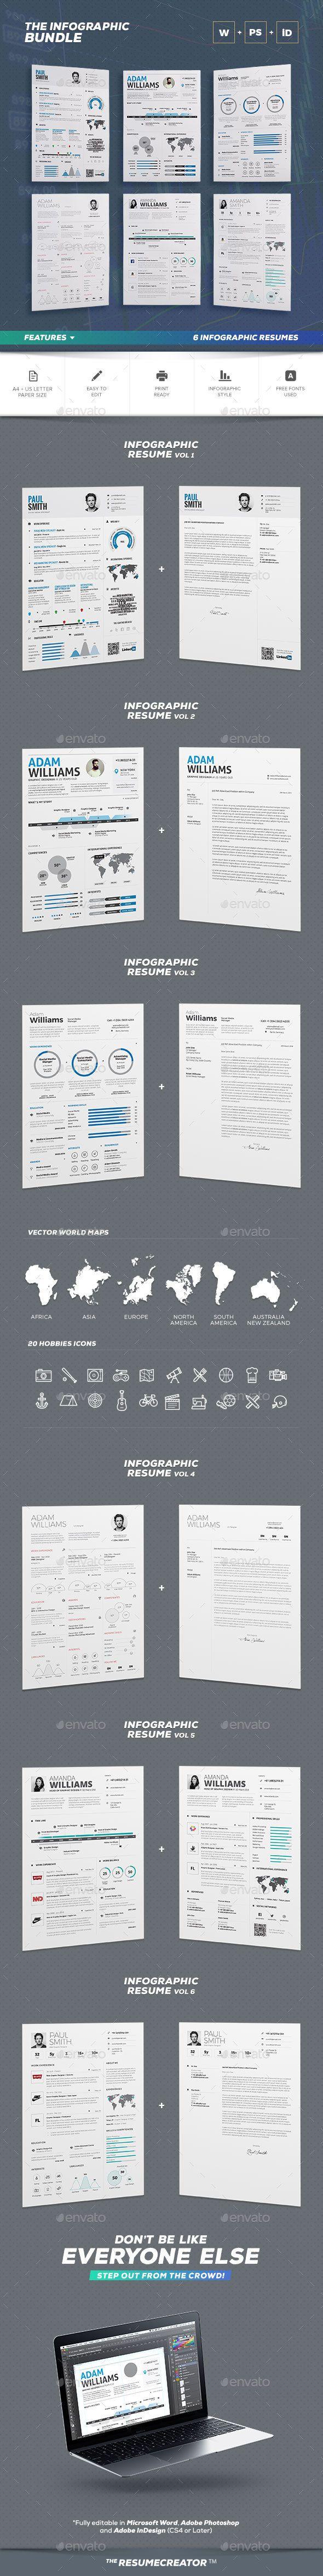 Infographic Resume Bundle | Plantilla cv y Plantas